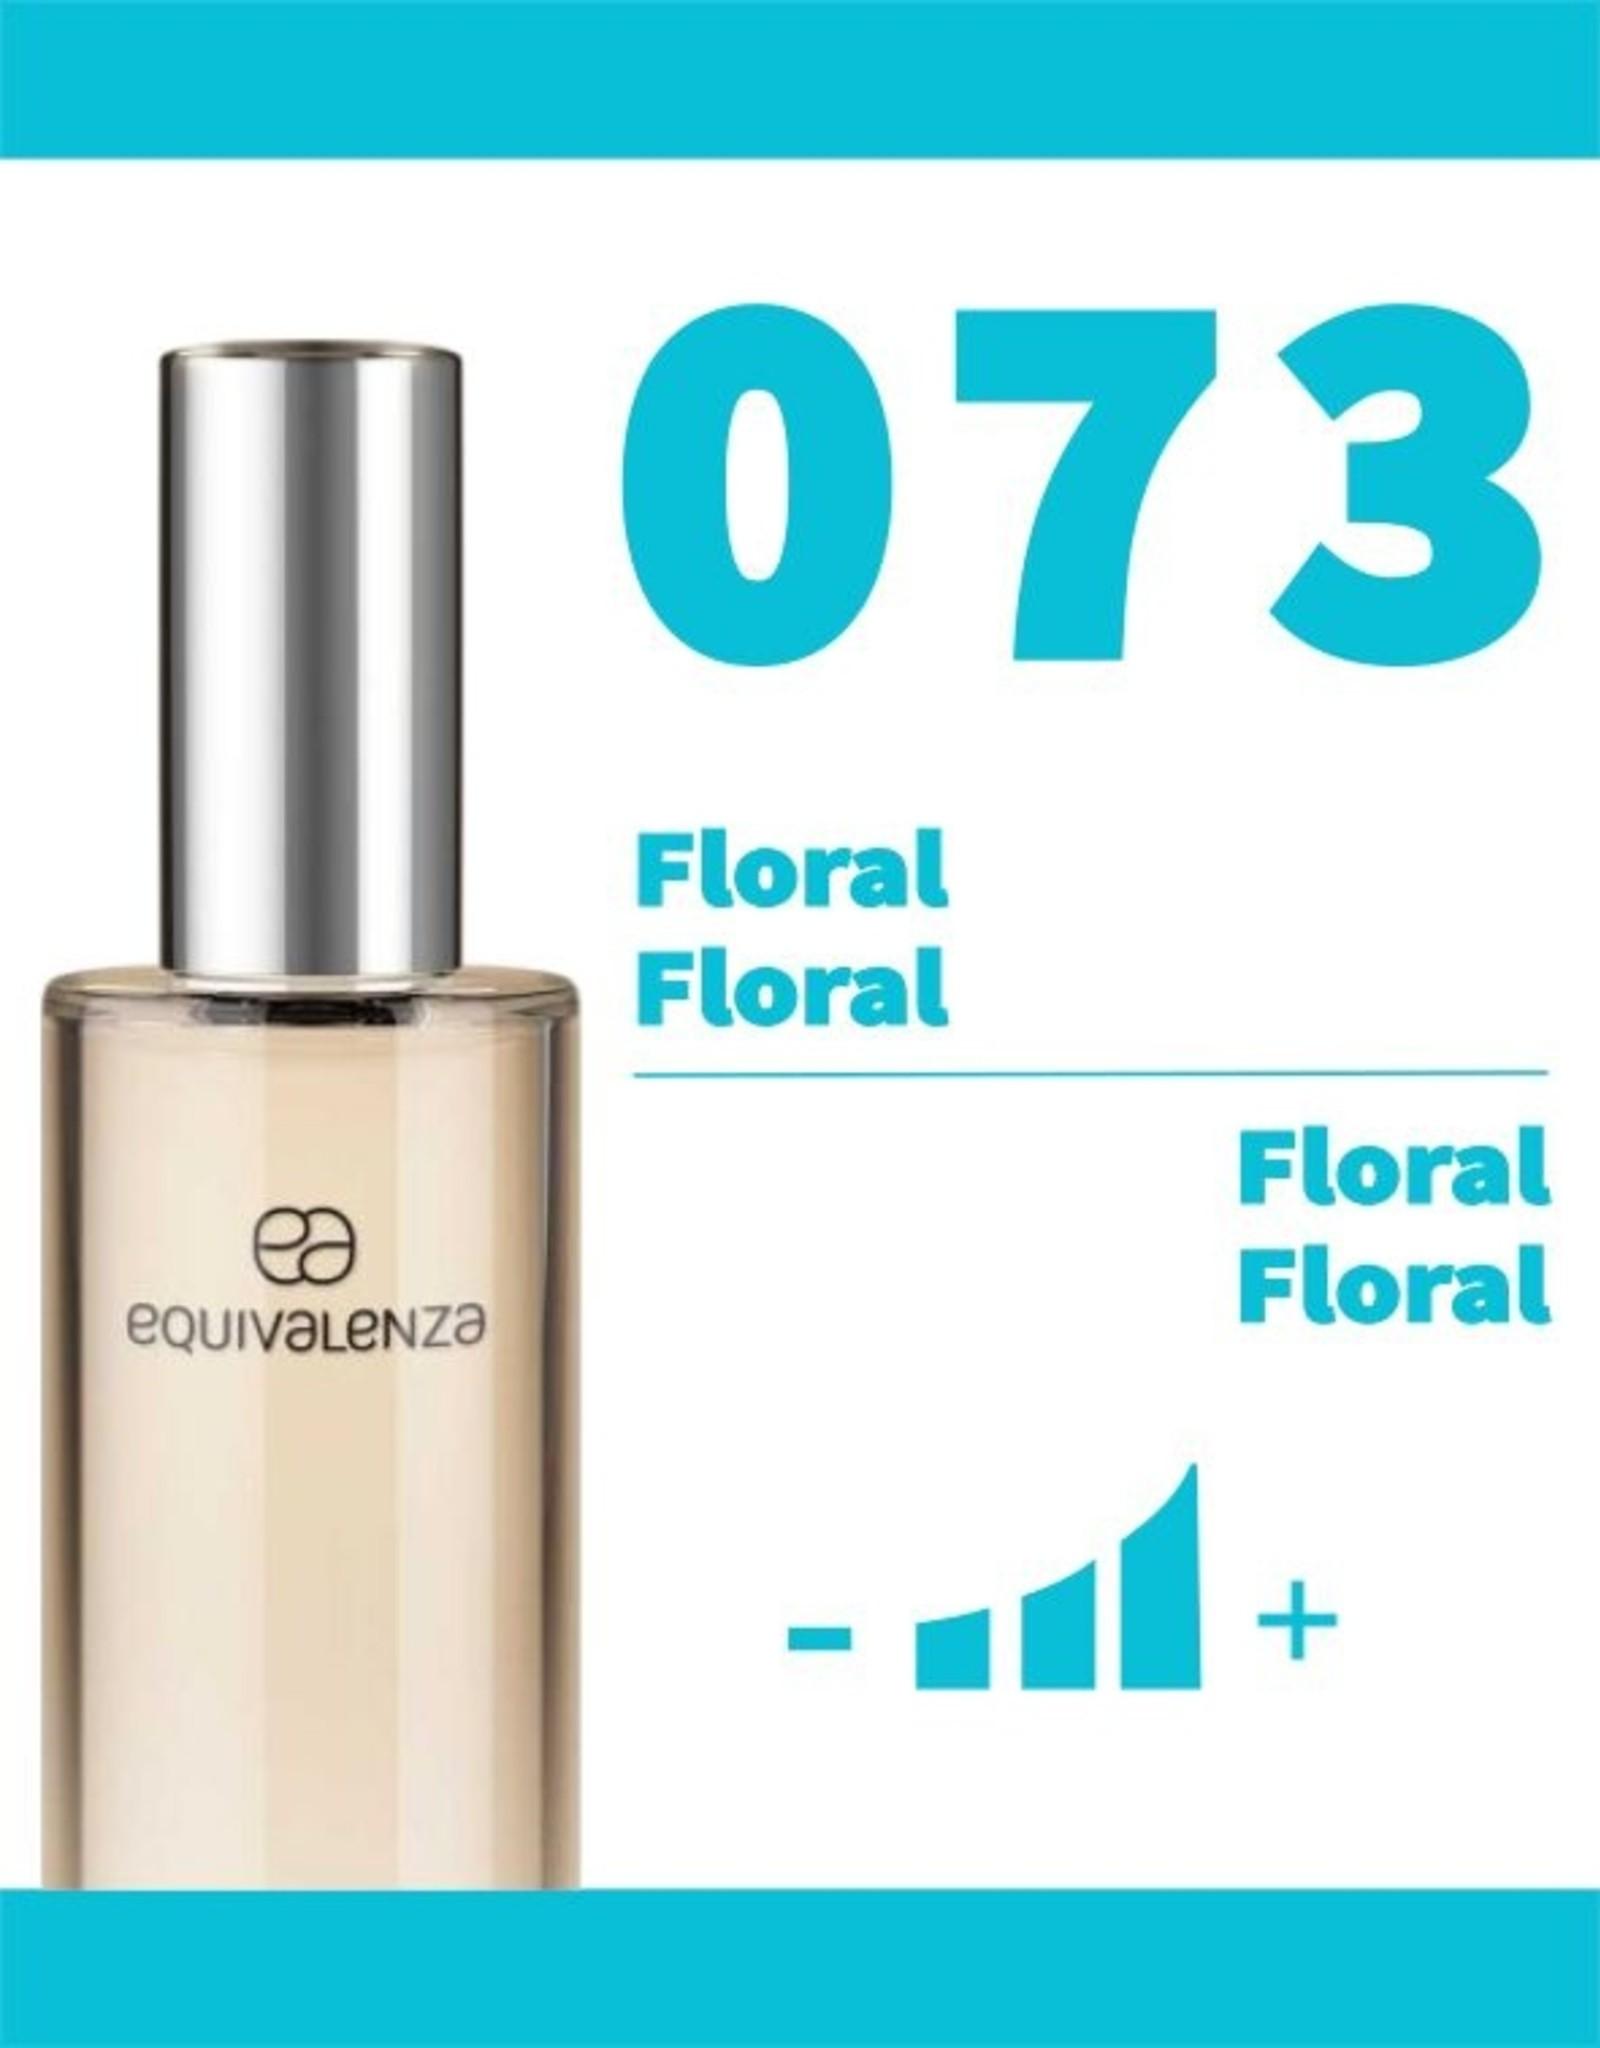 Equivalenza Eau de Parfum Floral Floral 073